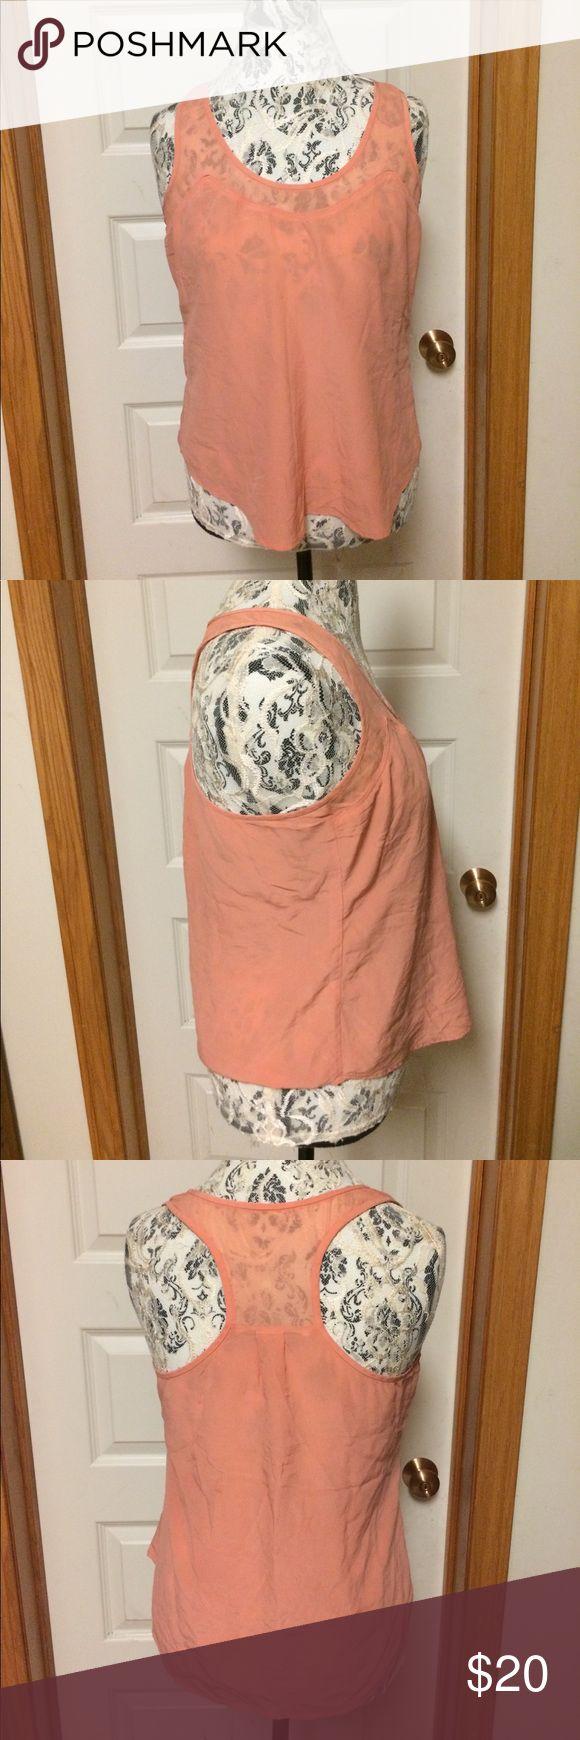 Trina Turk silk tank Transparent salmon pink tank top, silk.  Tiny stain on back. Trina Turk Tops Tank Tops